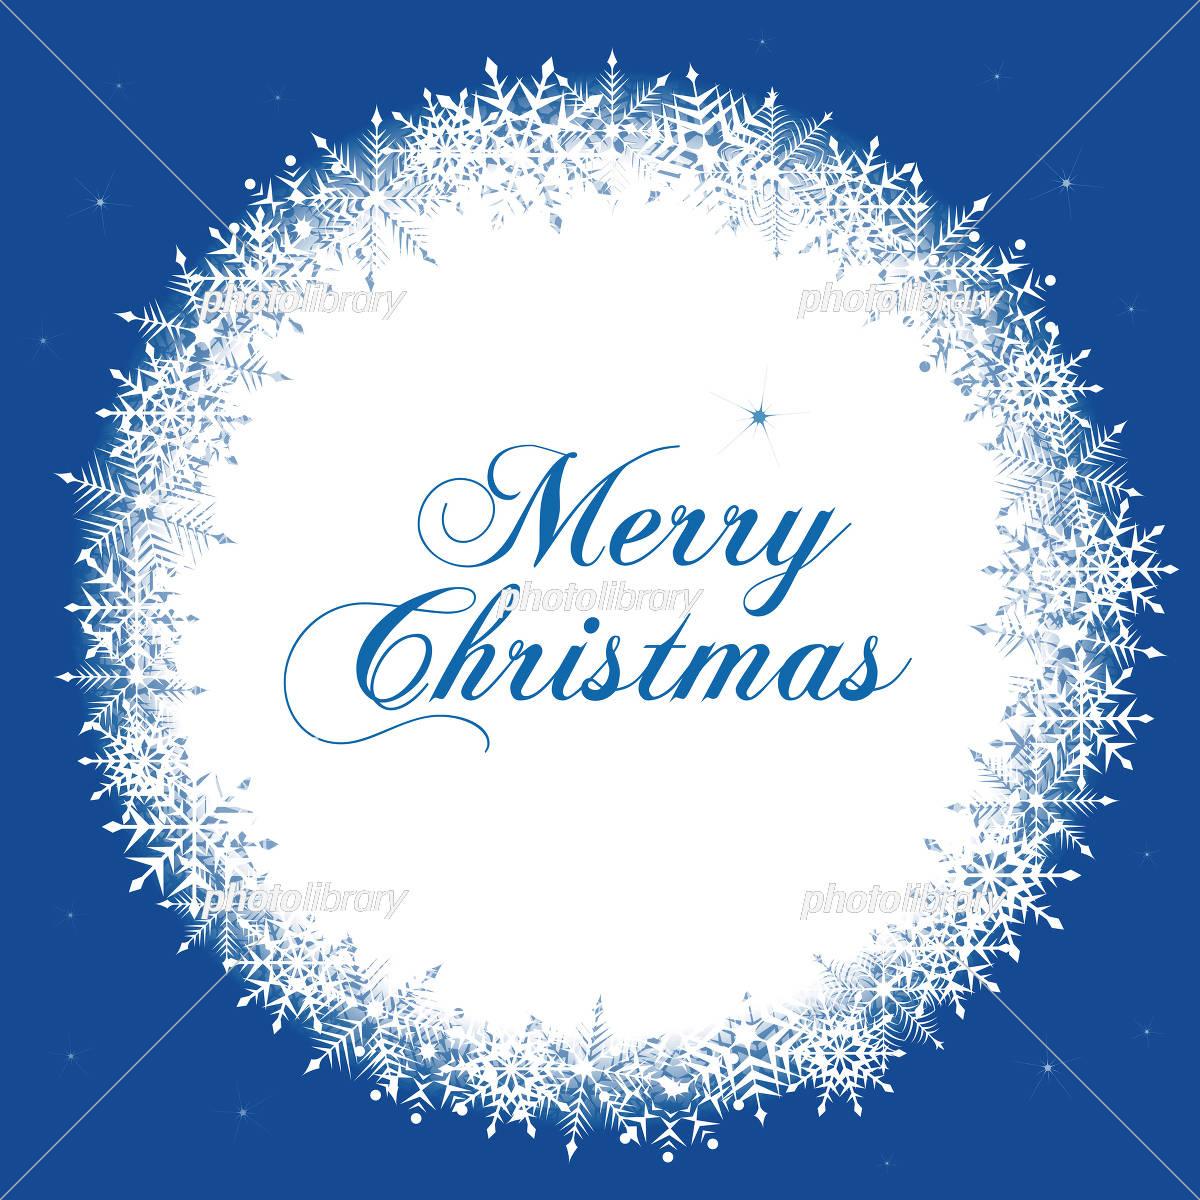 雪の結晶のおしゃれなクリスマスの丸いフレームデザインイラスト